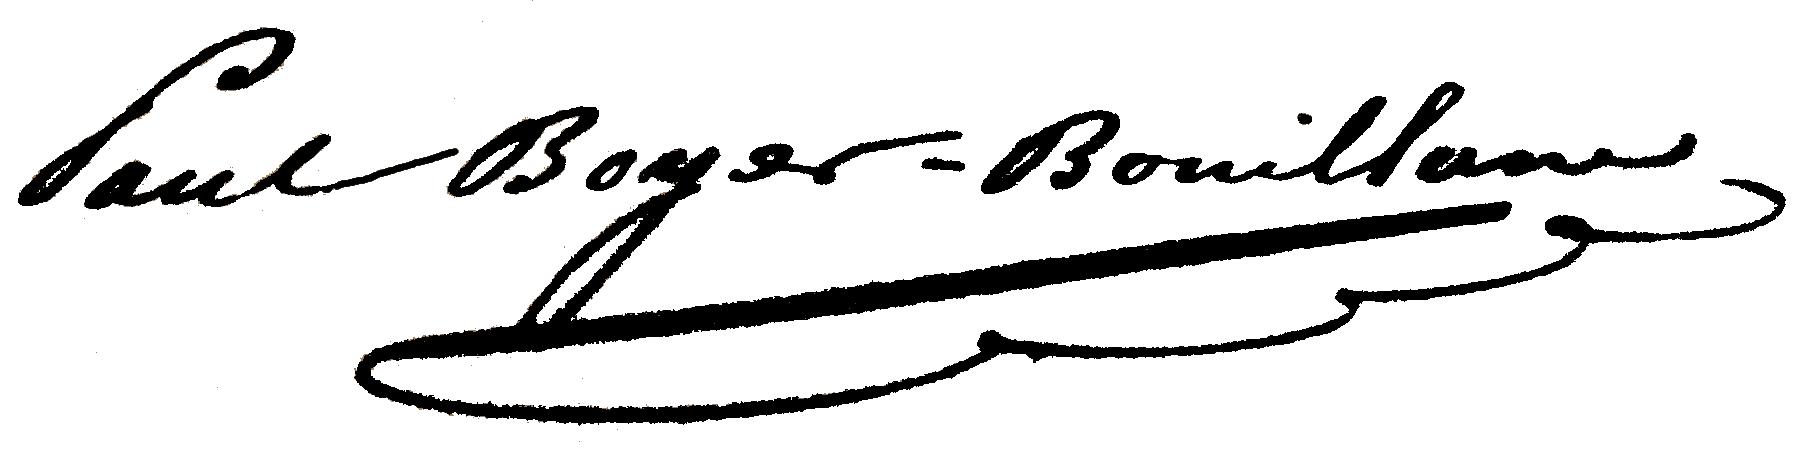 Signature de Pierre Paul Henri Dominique Boyer de Bouillane (1848-1908)